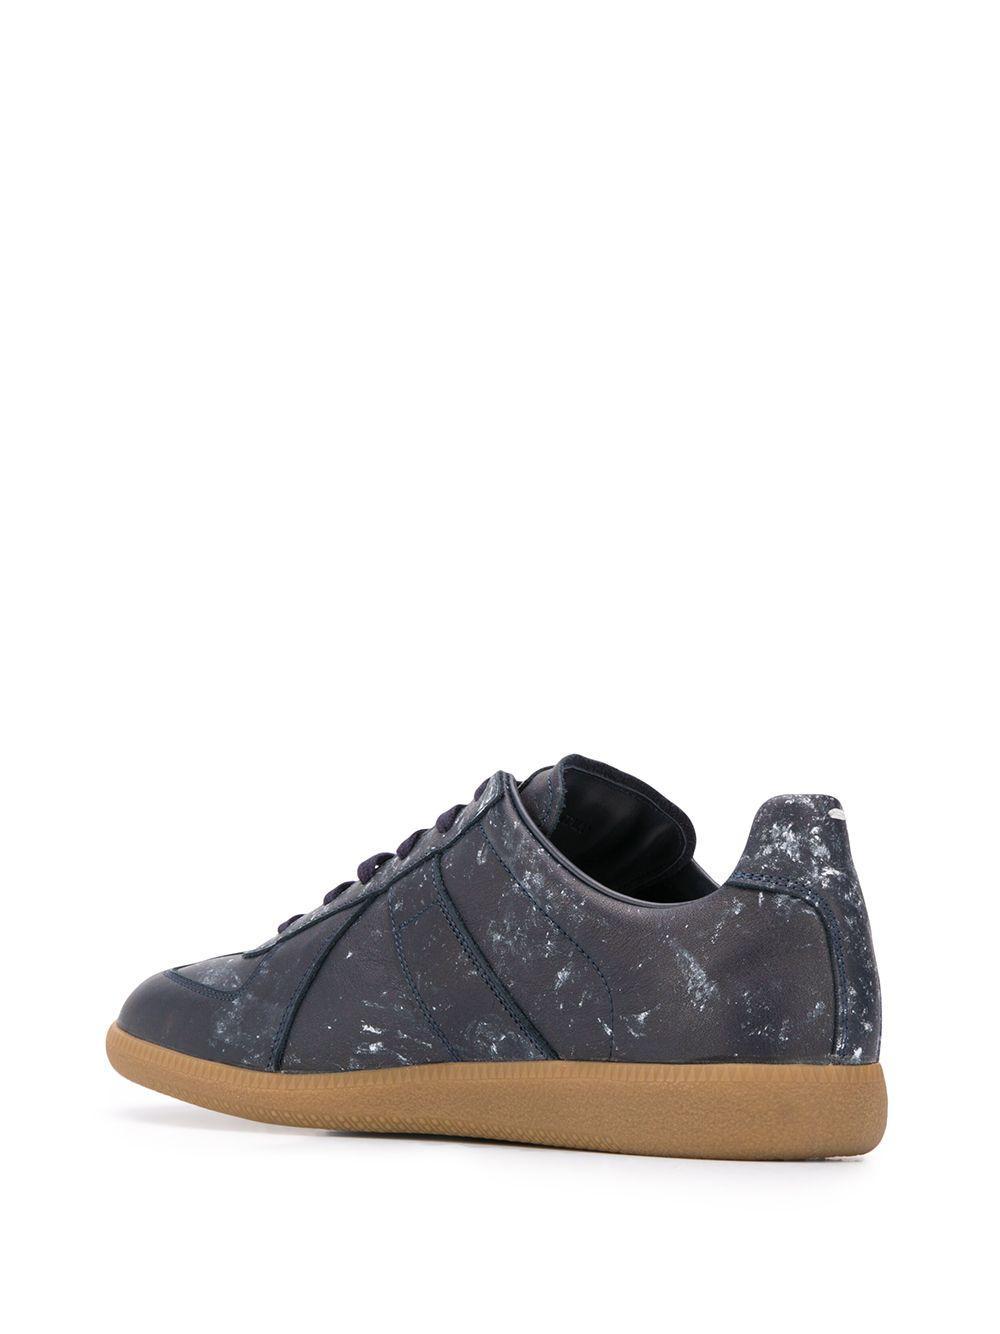 Zapatillas bajas con diseño pintado Maison Margiela de Lona de color Azul para hombre: ahorra un 55 %